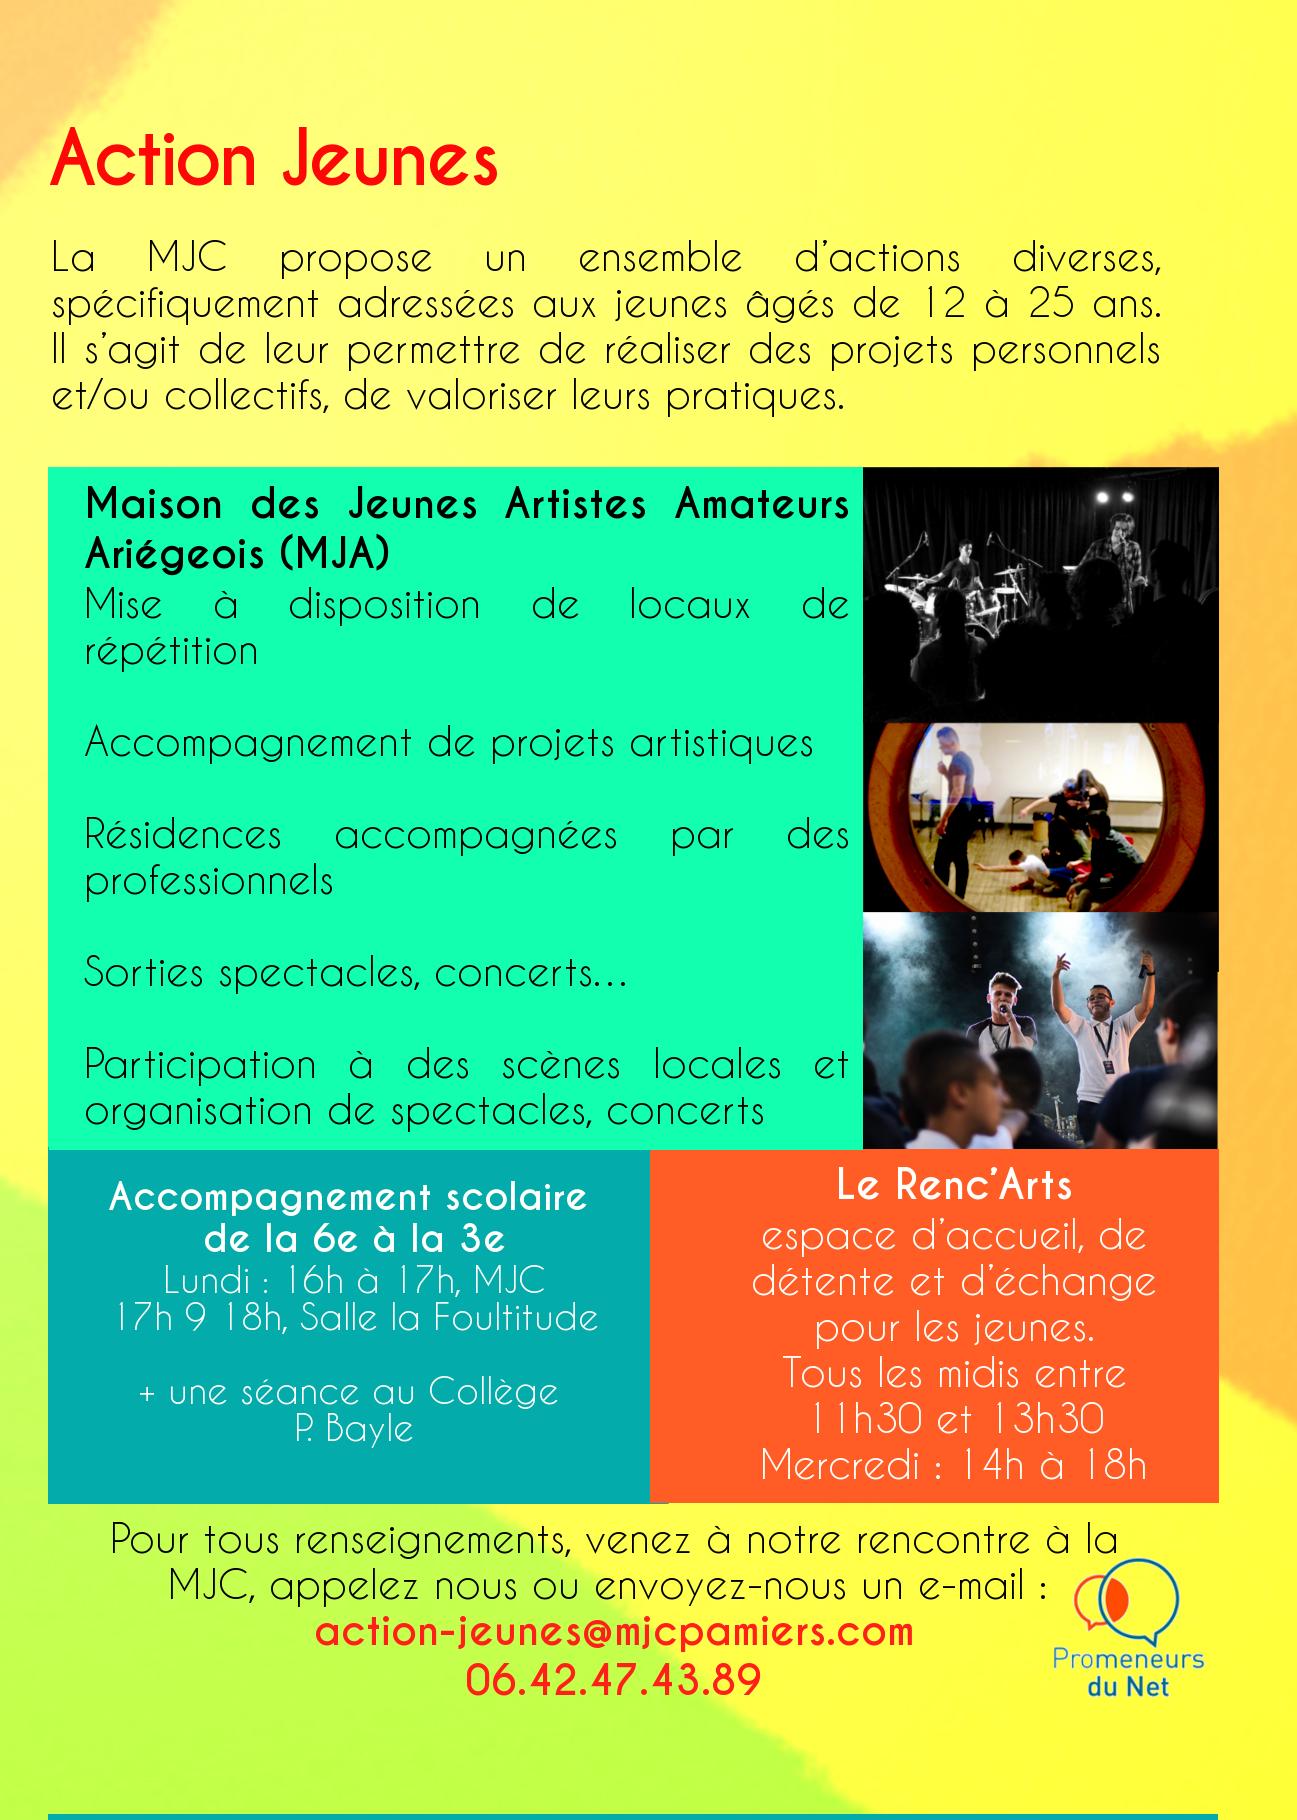 mjcpamiers_action-jeunes